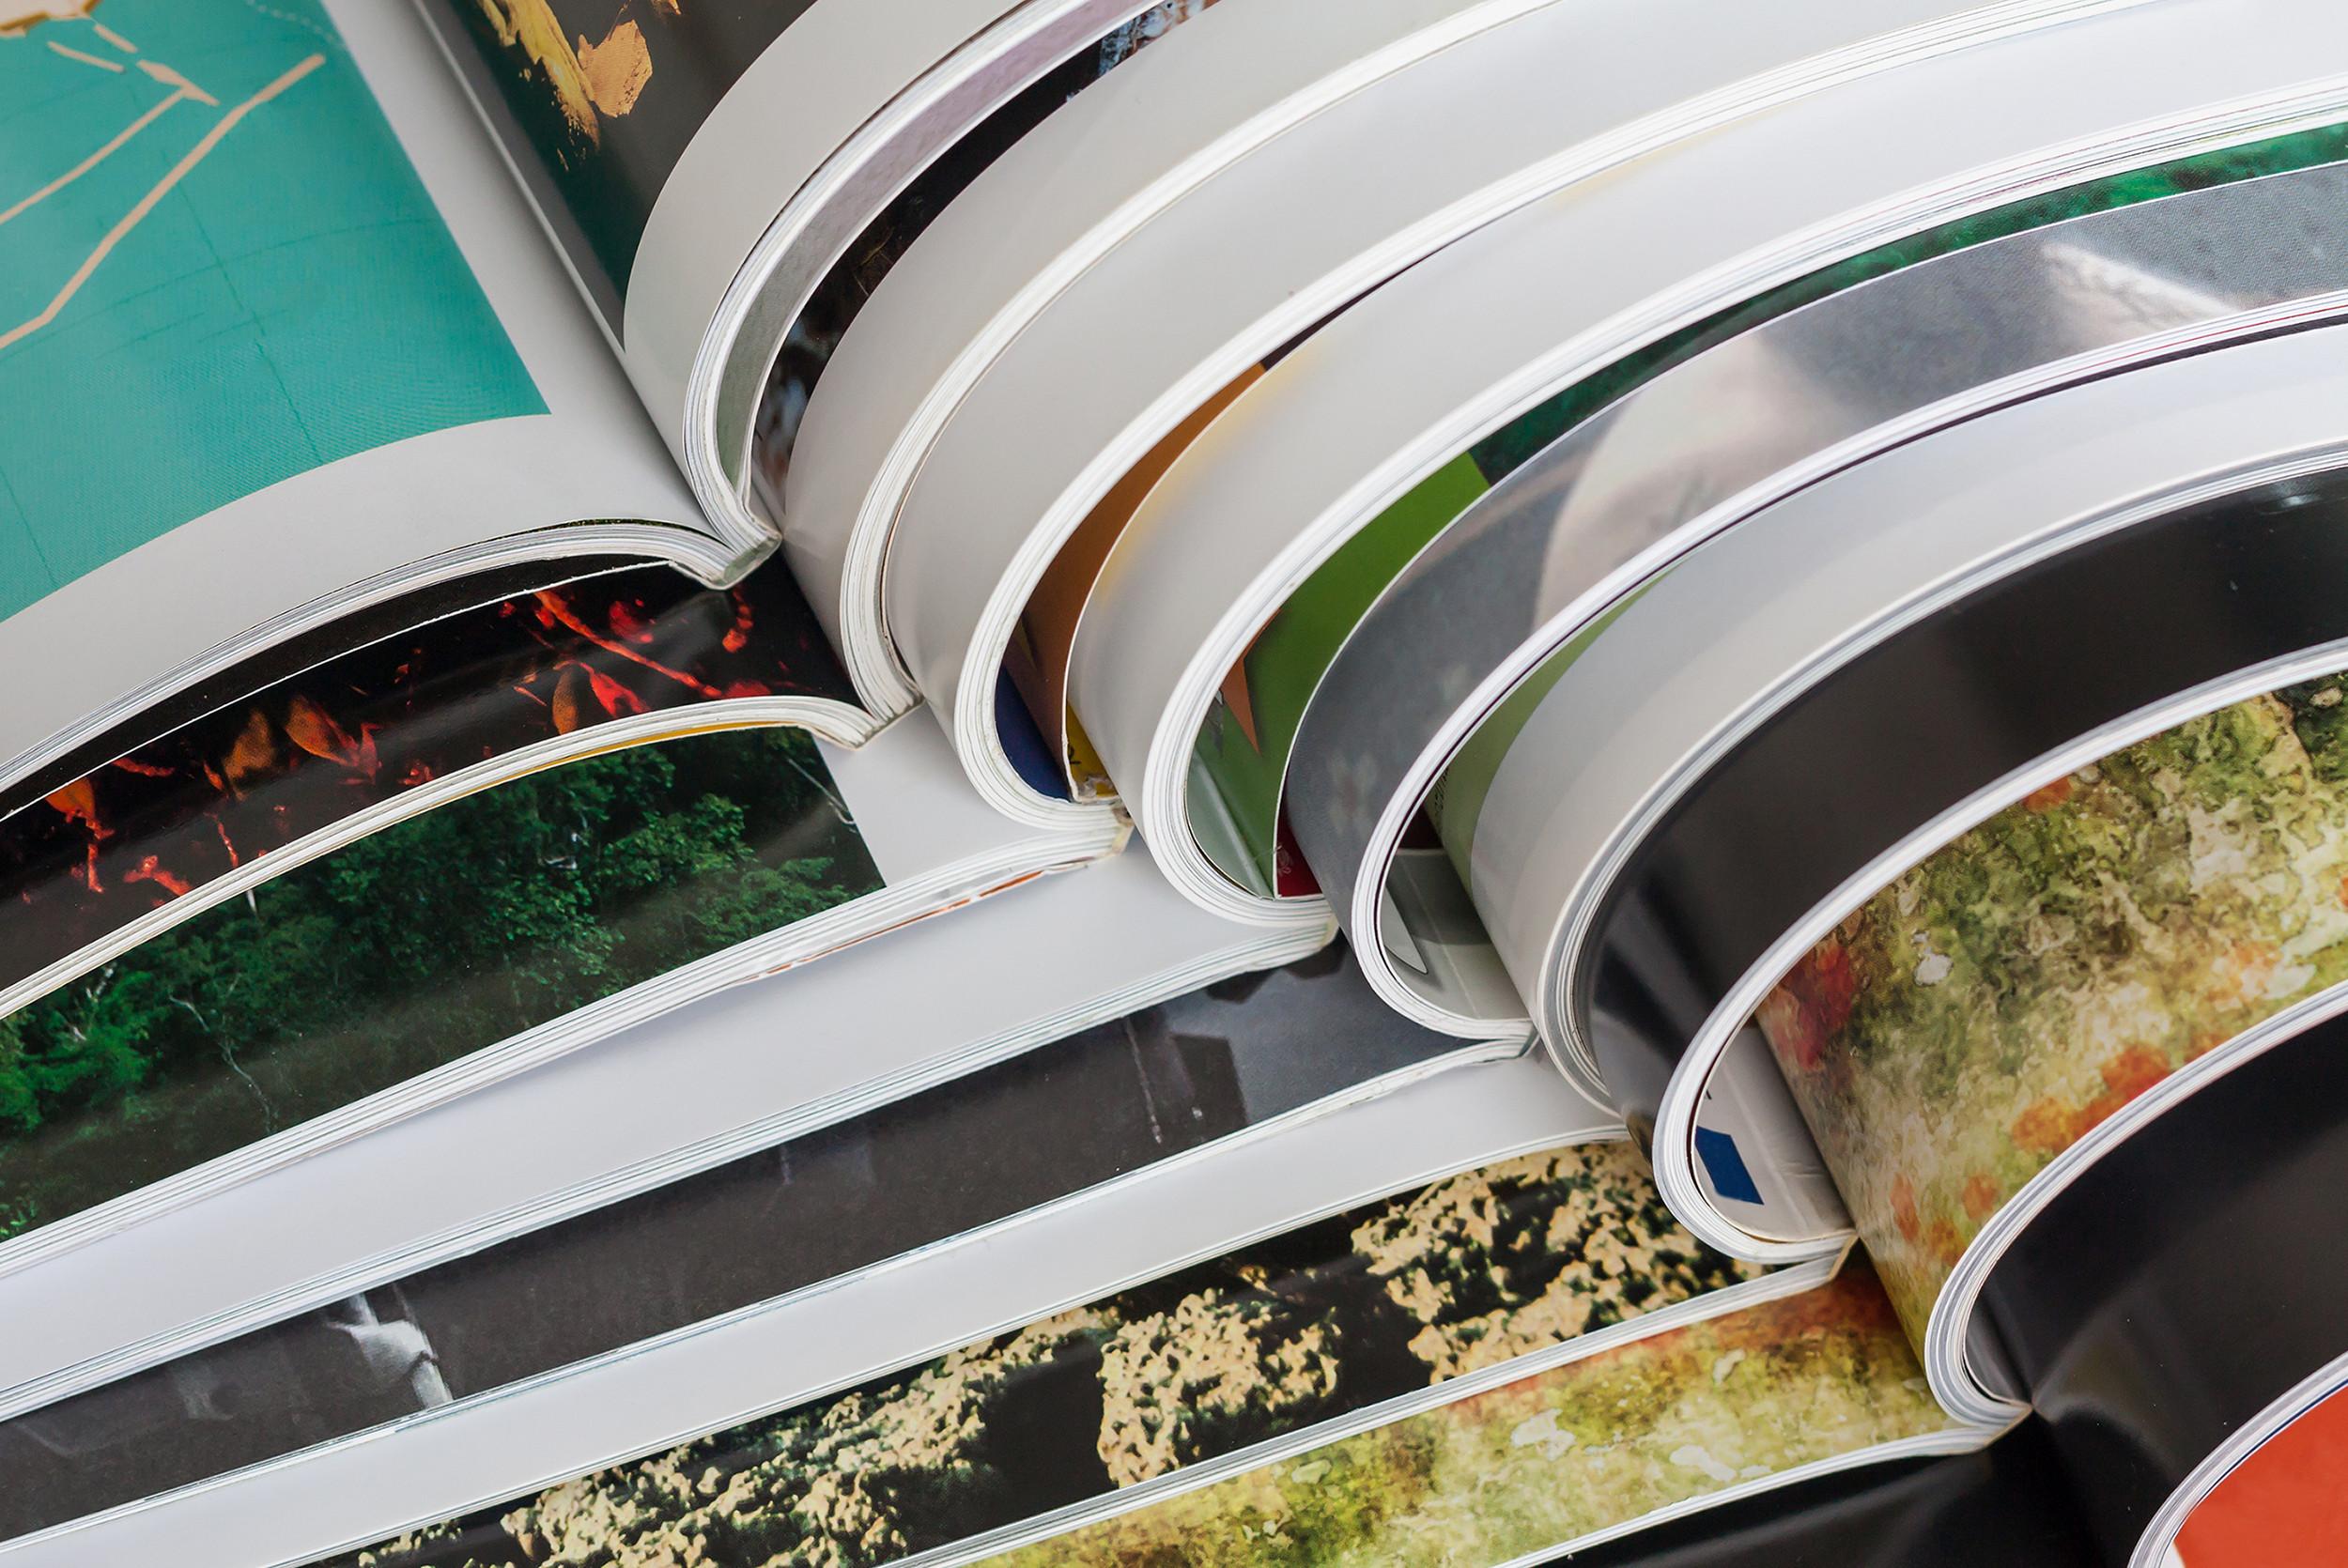 aesthetic-medical-print-materials.jpg